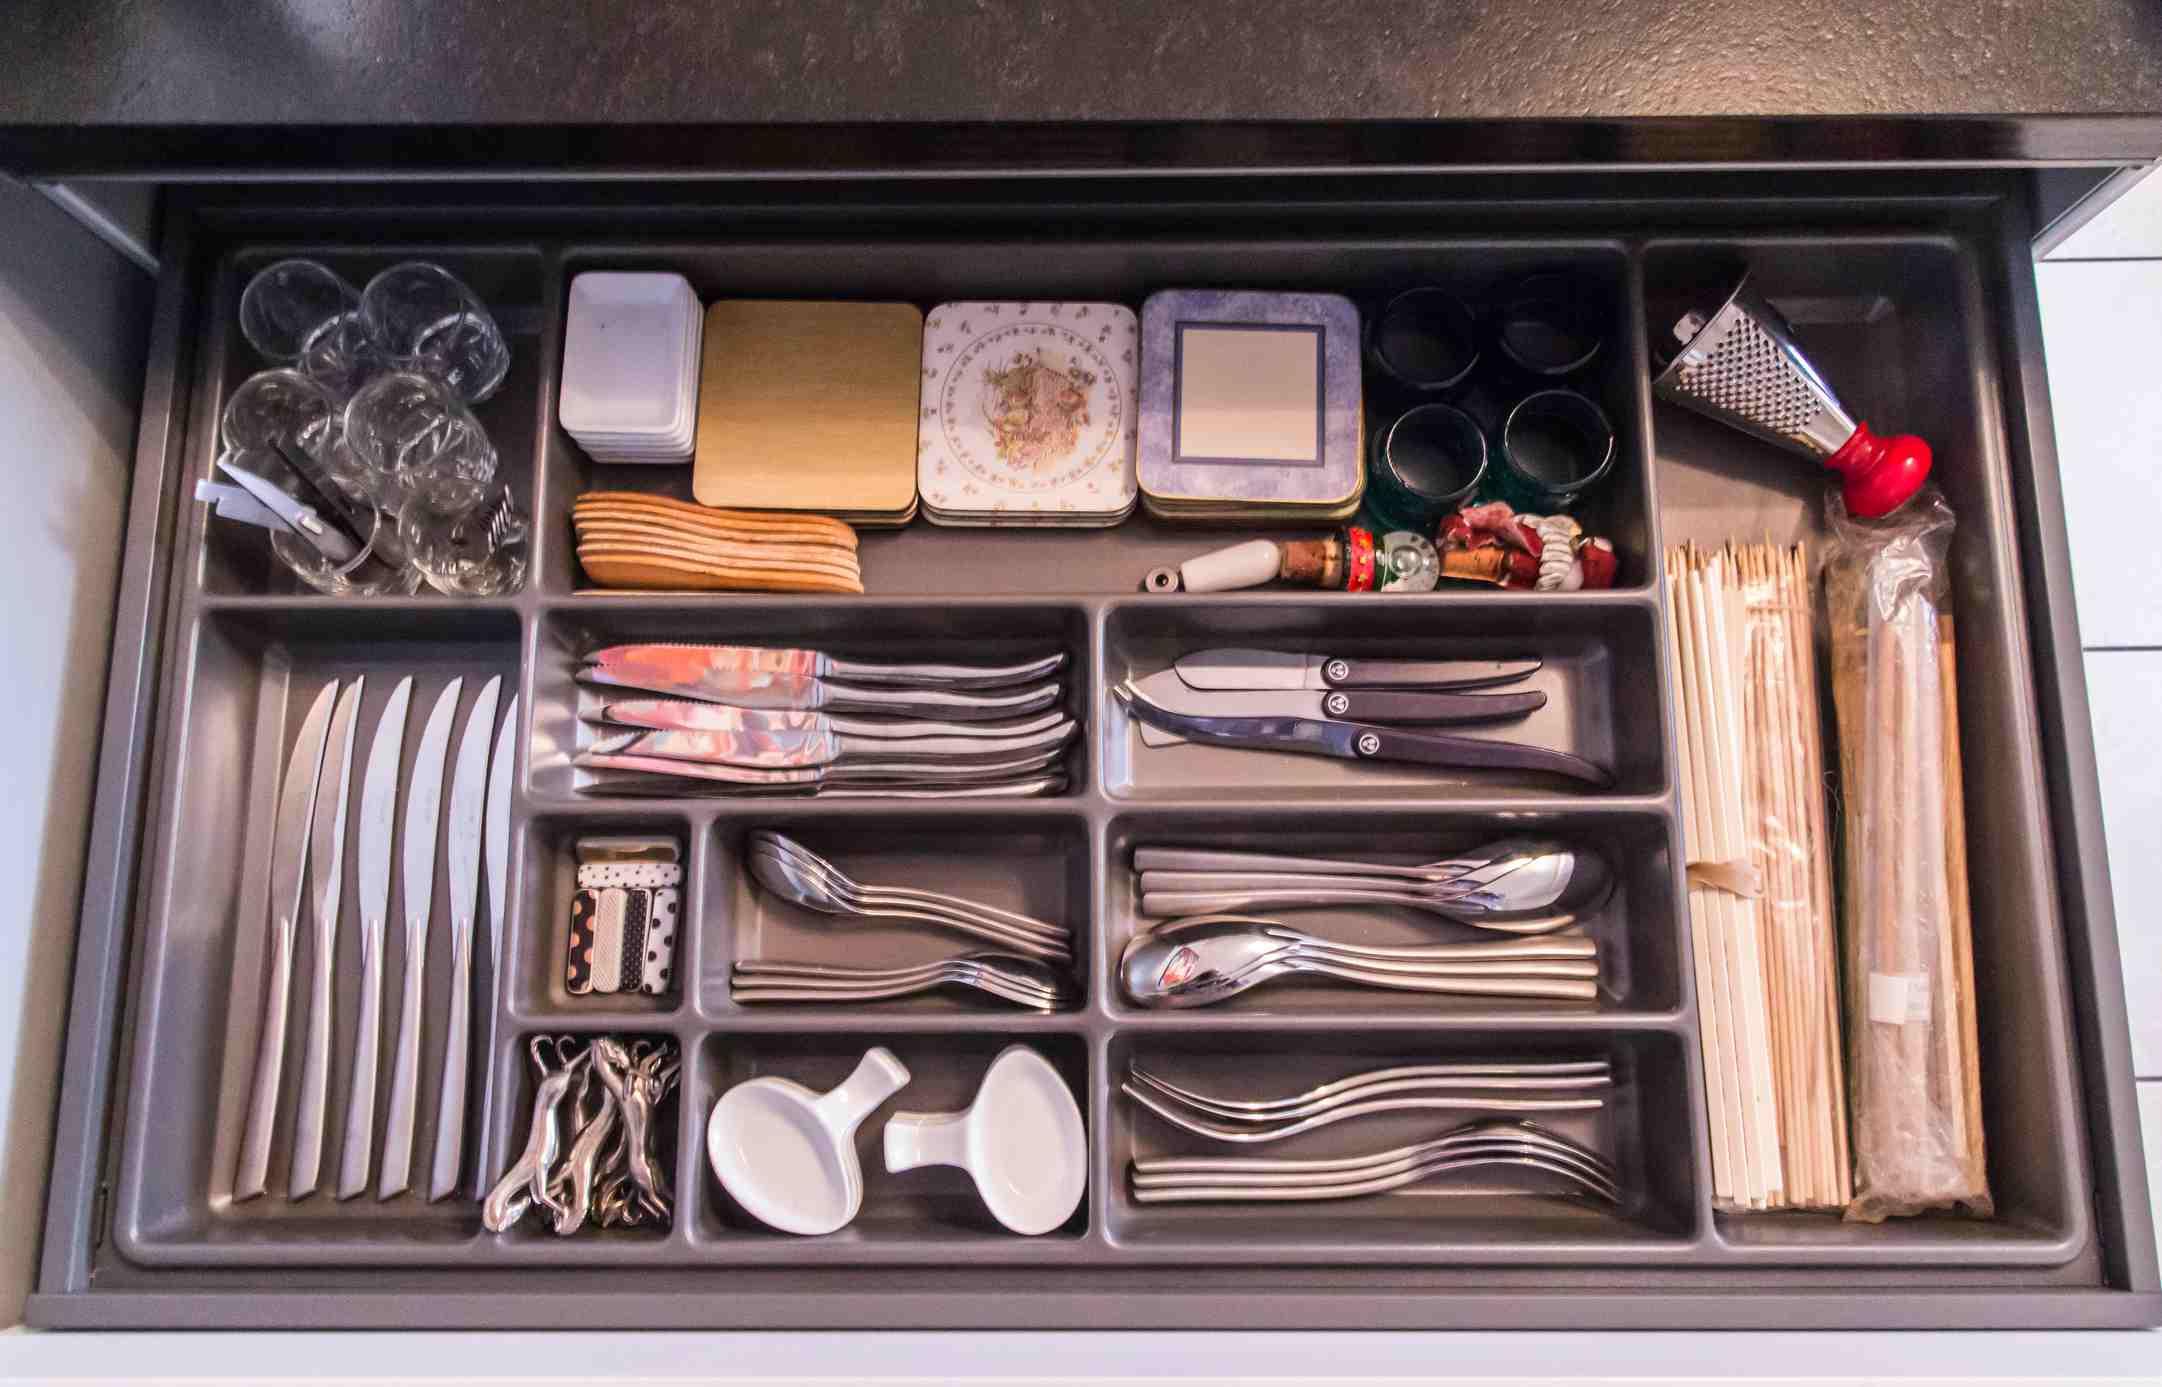 Utensils in Open Drawer in Kitchen